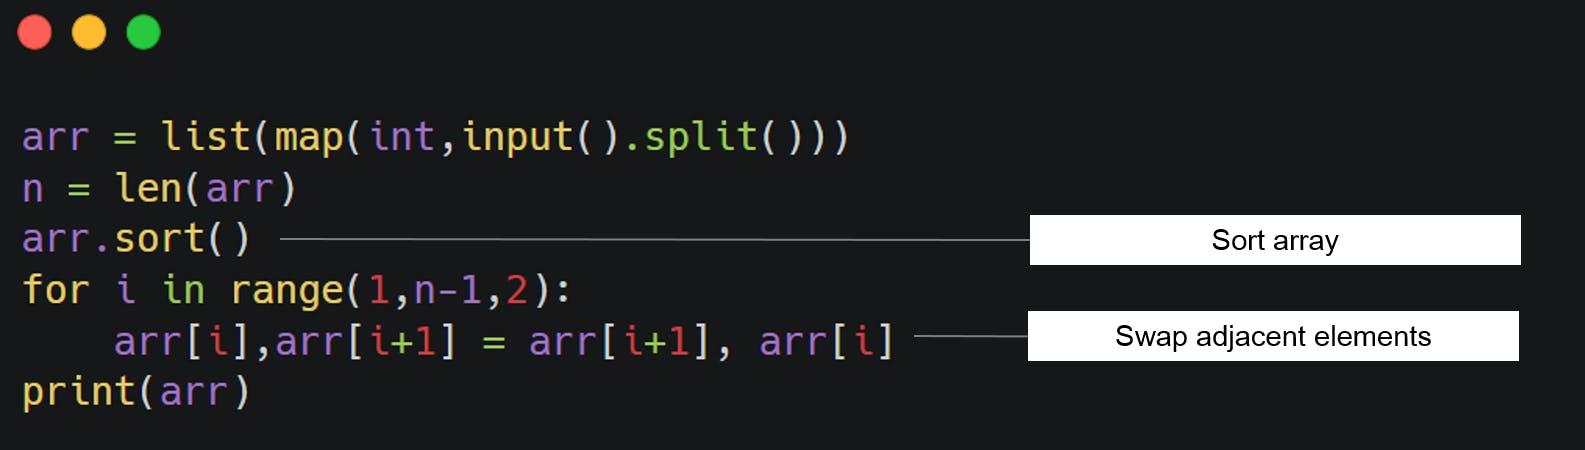 wave array code